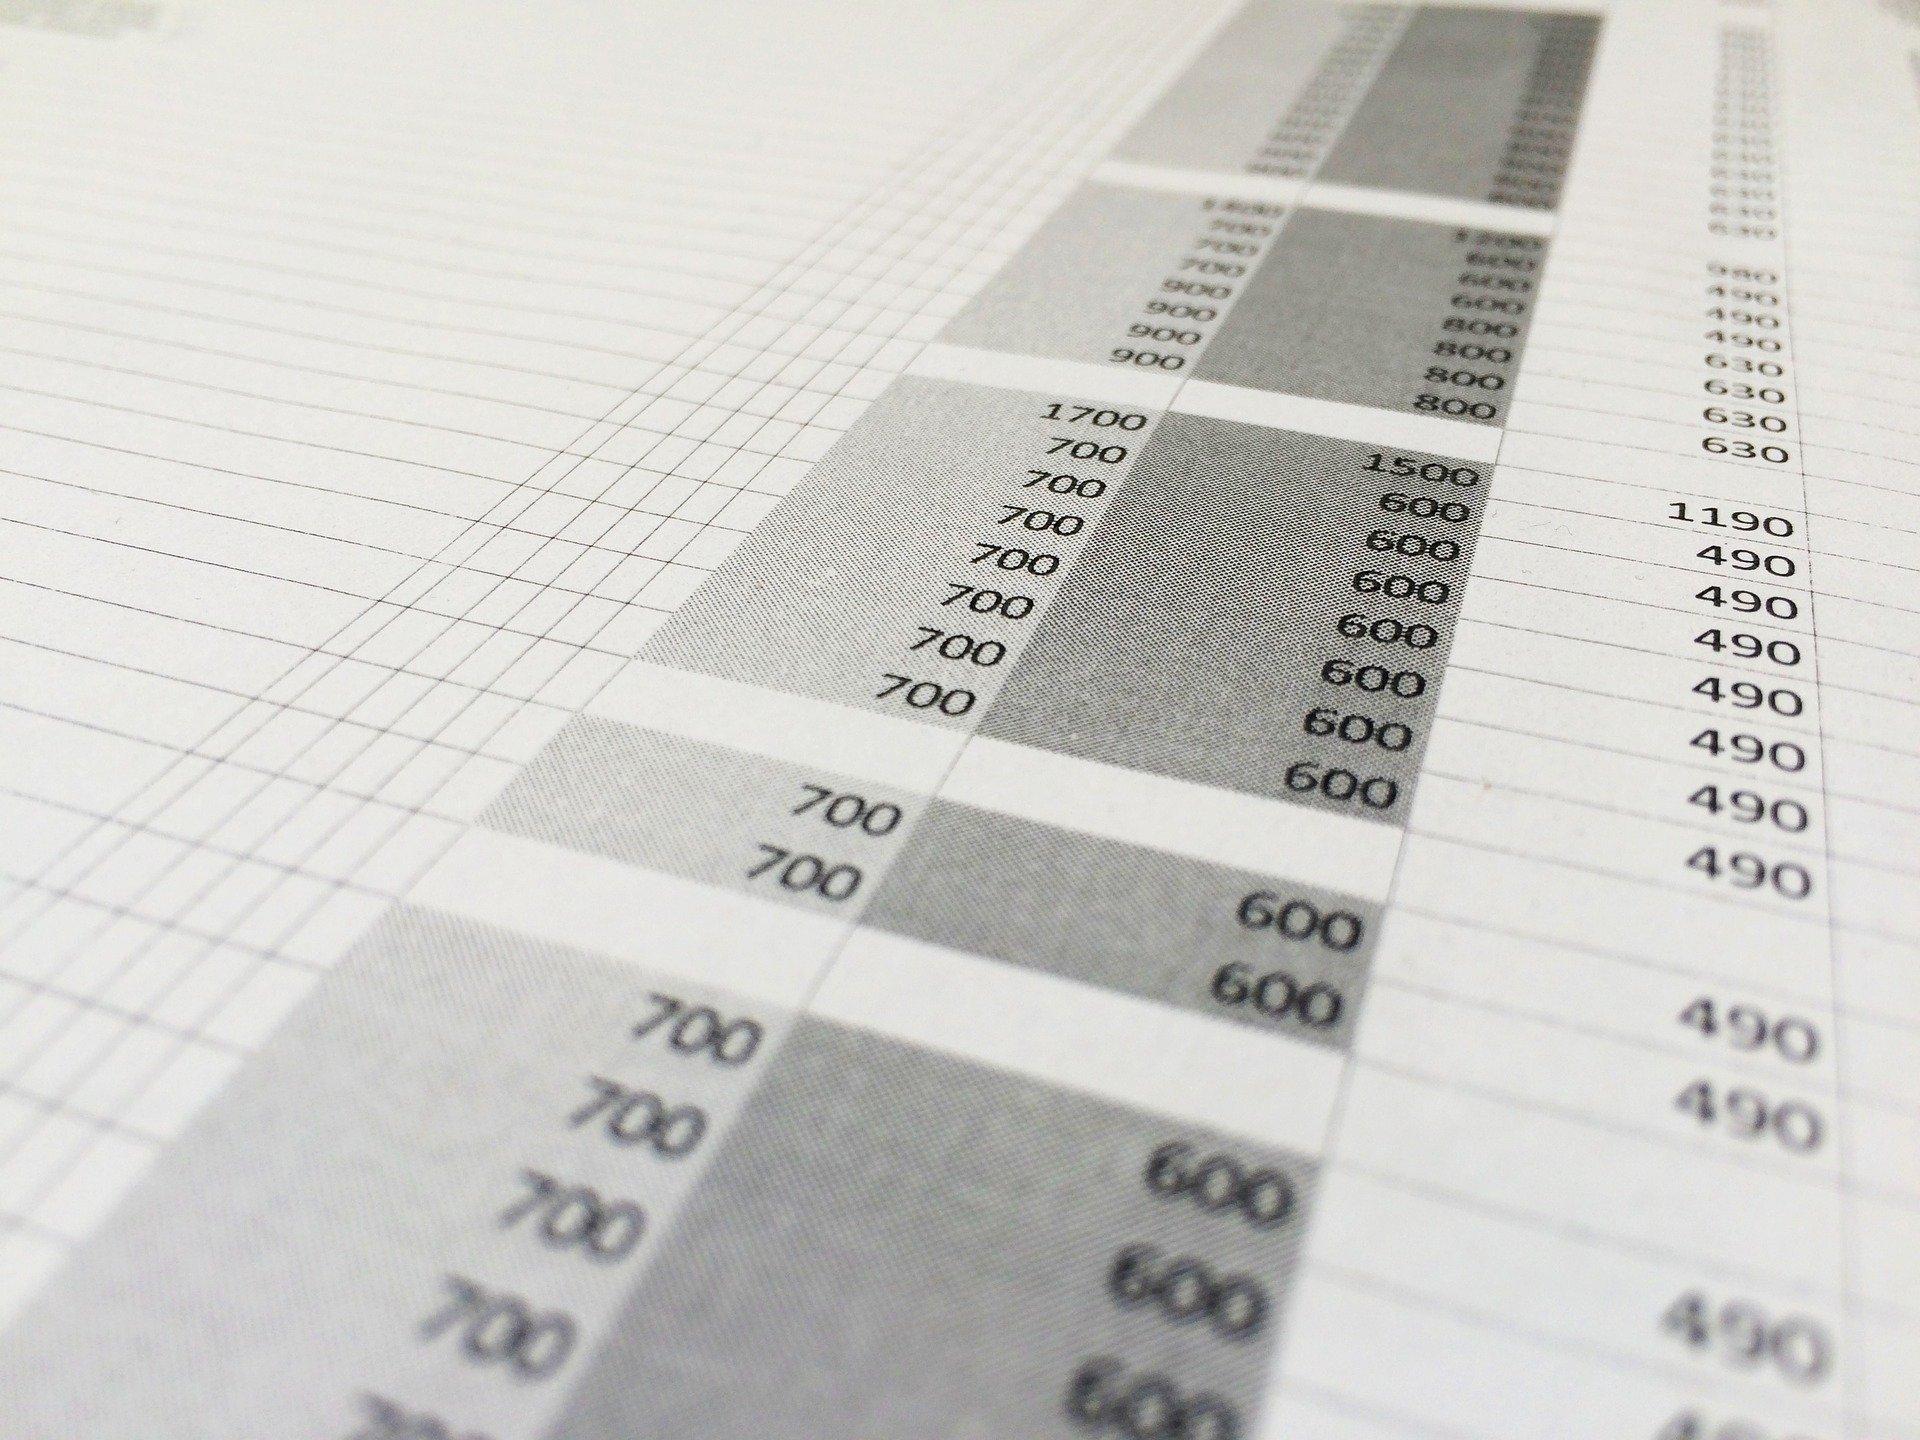 A screen showing an Excel sheet.